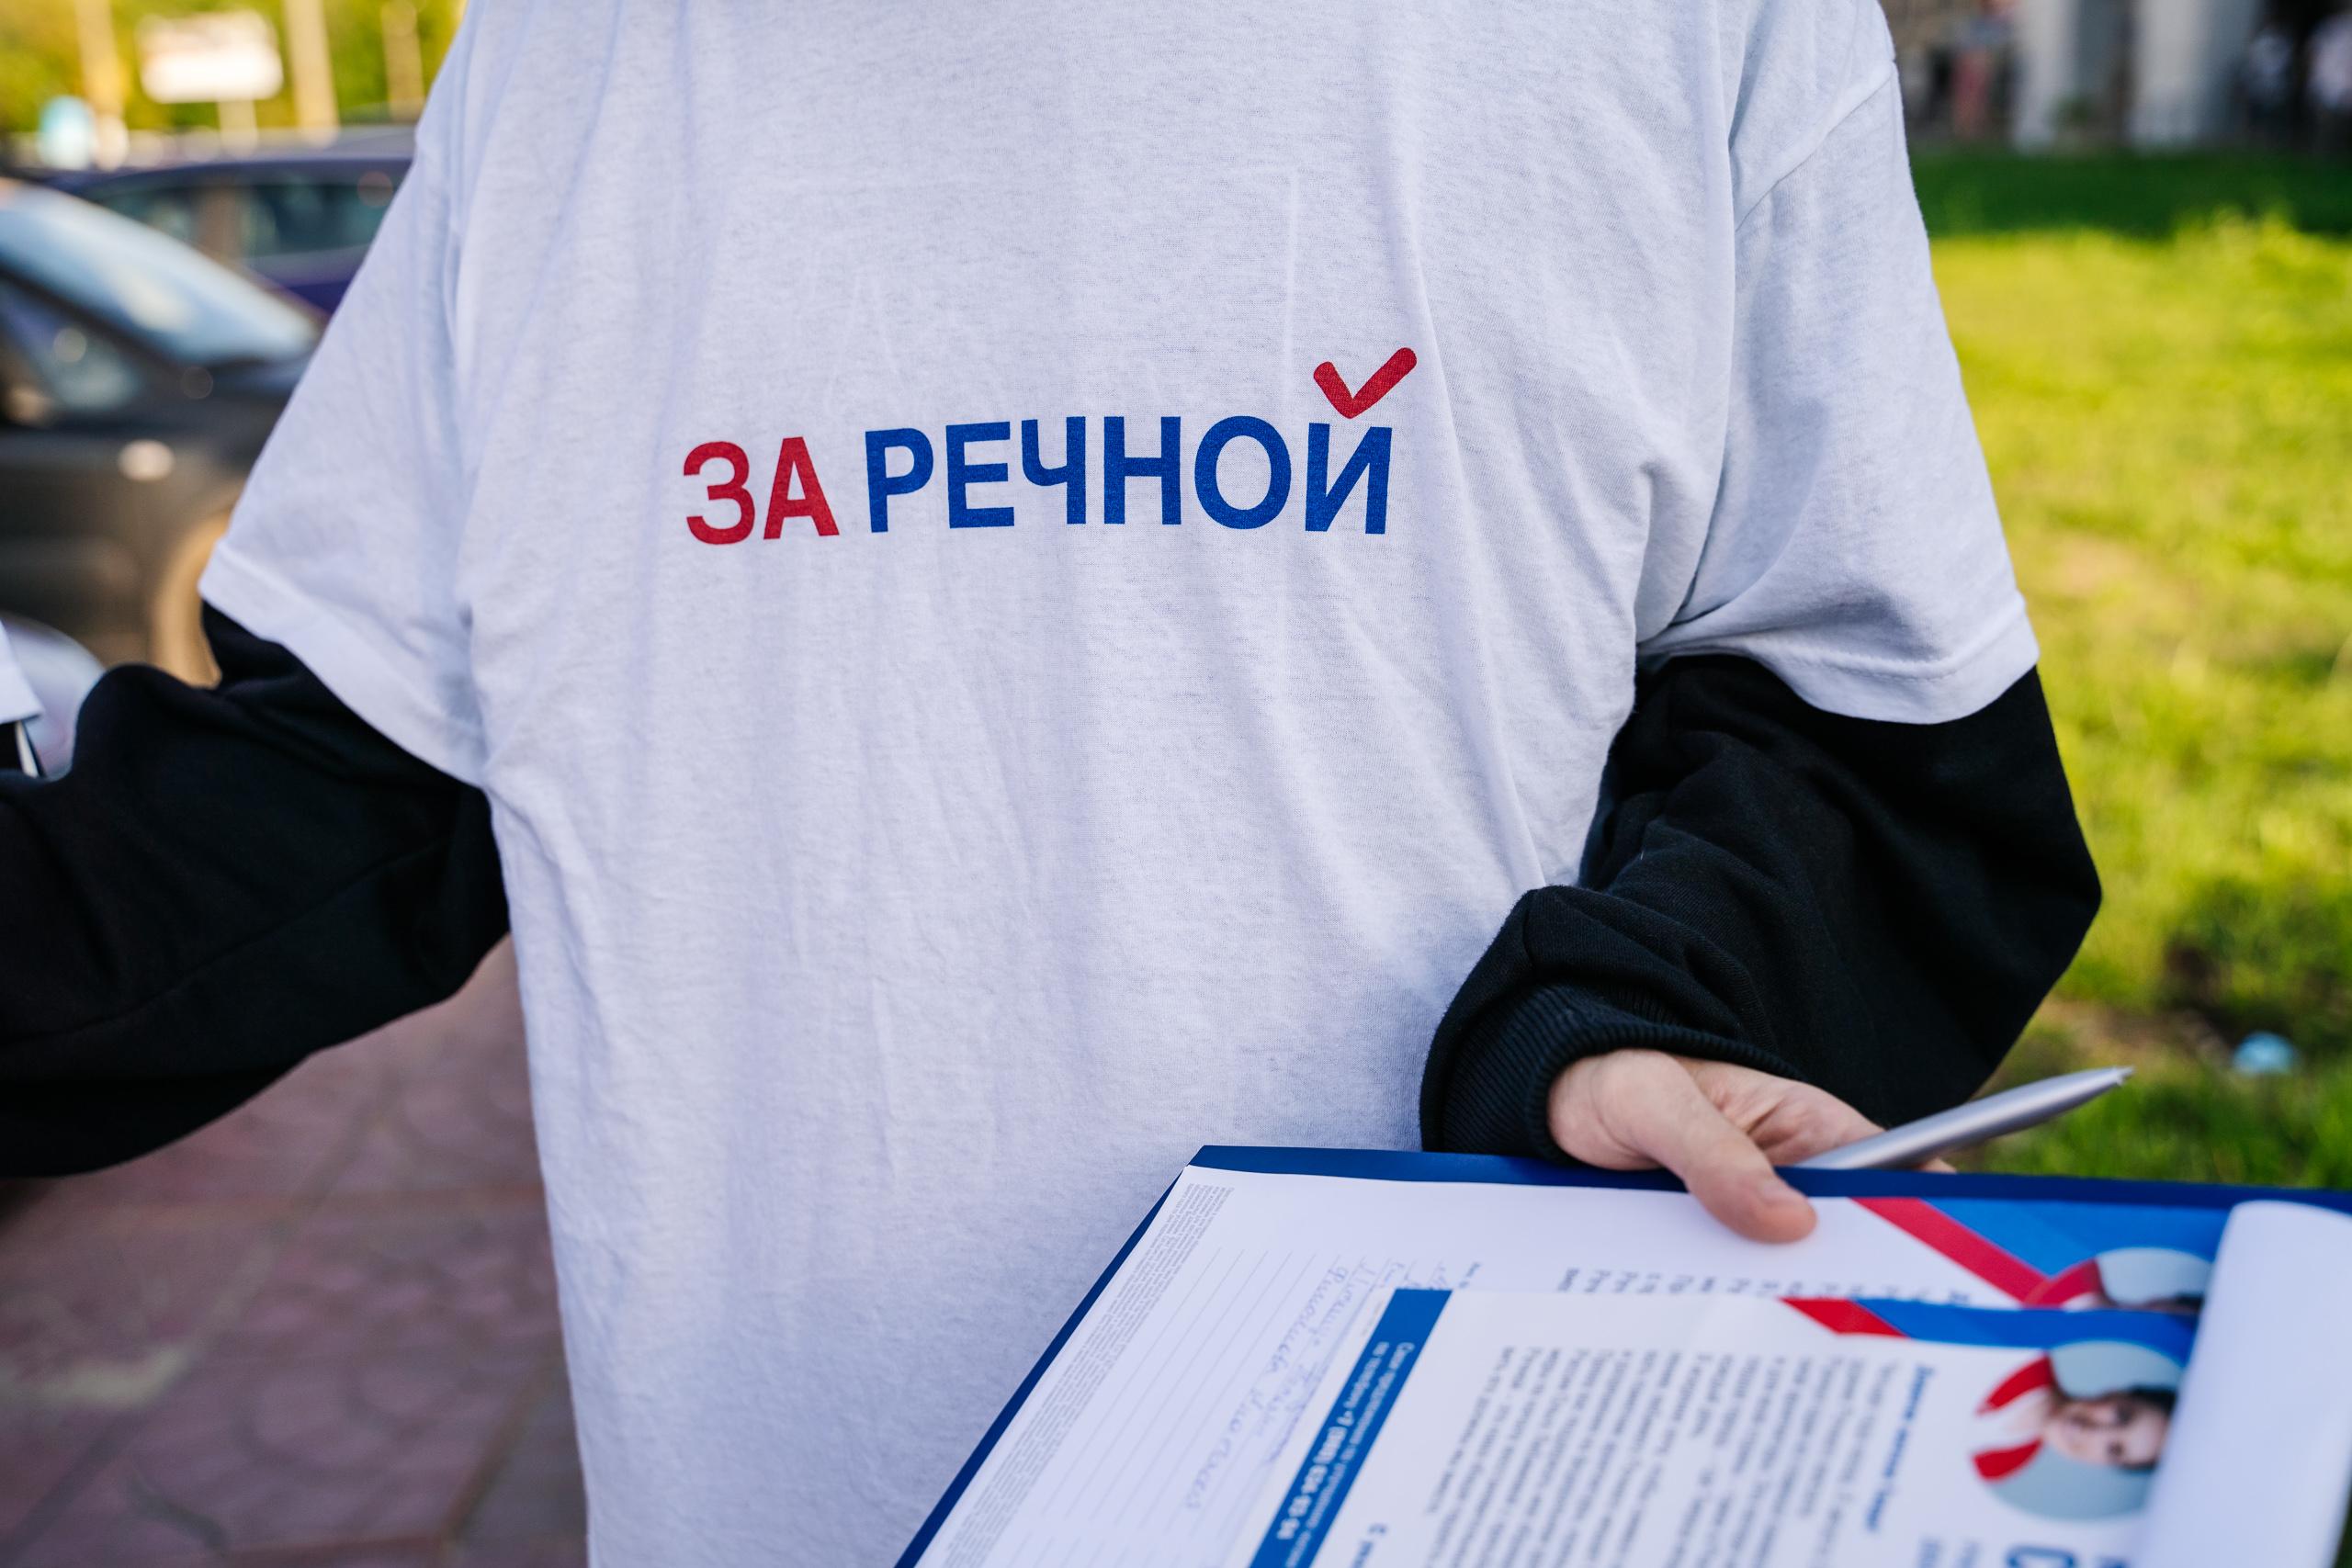 Уже 9 тысяч жителей Твери поставили подписи за восстановление Речного вокзала